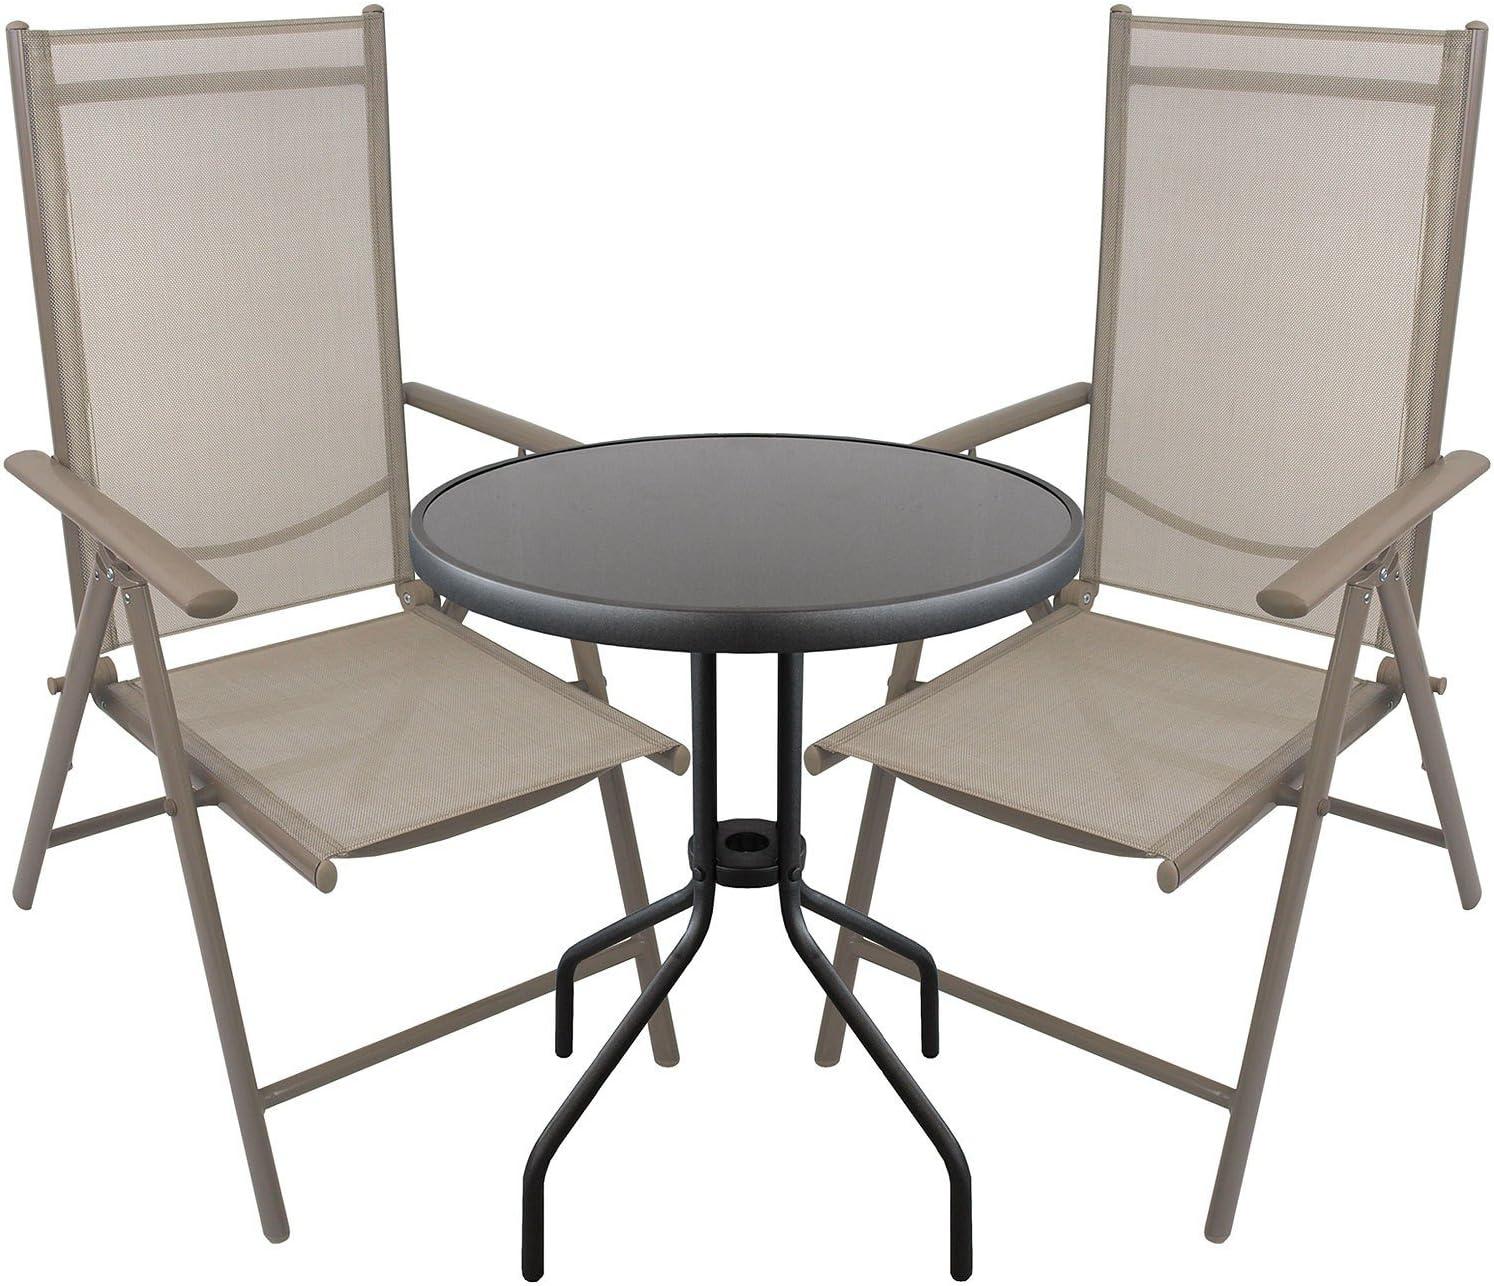 Multistore 2002 3tlg. Bistrogarnitur Glastisch rund Ø60cm + 2X Aluminium Hochlehner mit Textilenbespannung Lehne in 7 Positionen verstellbar Sitzgruppe Sitzgarnitur